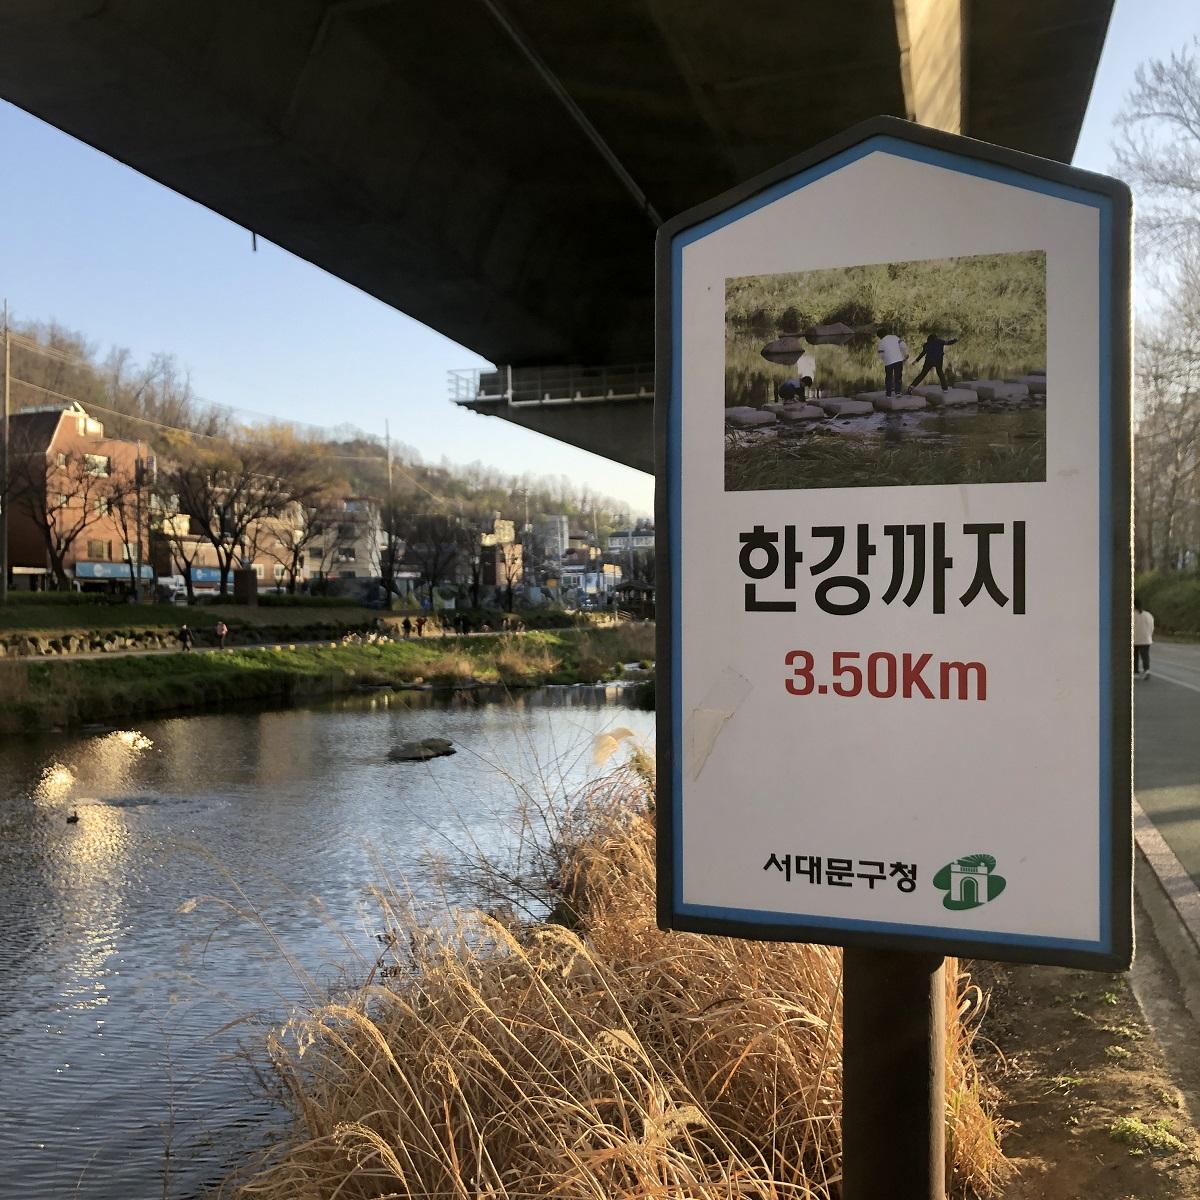 '한강까지 3.5km'